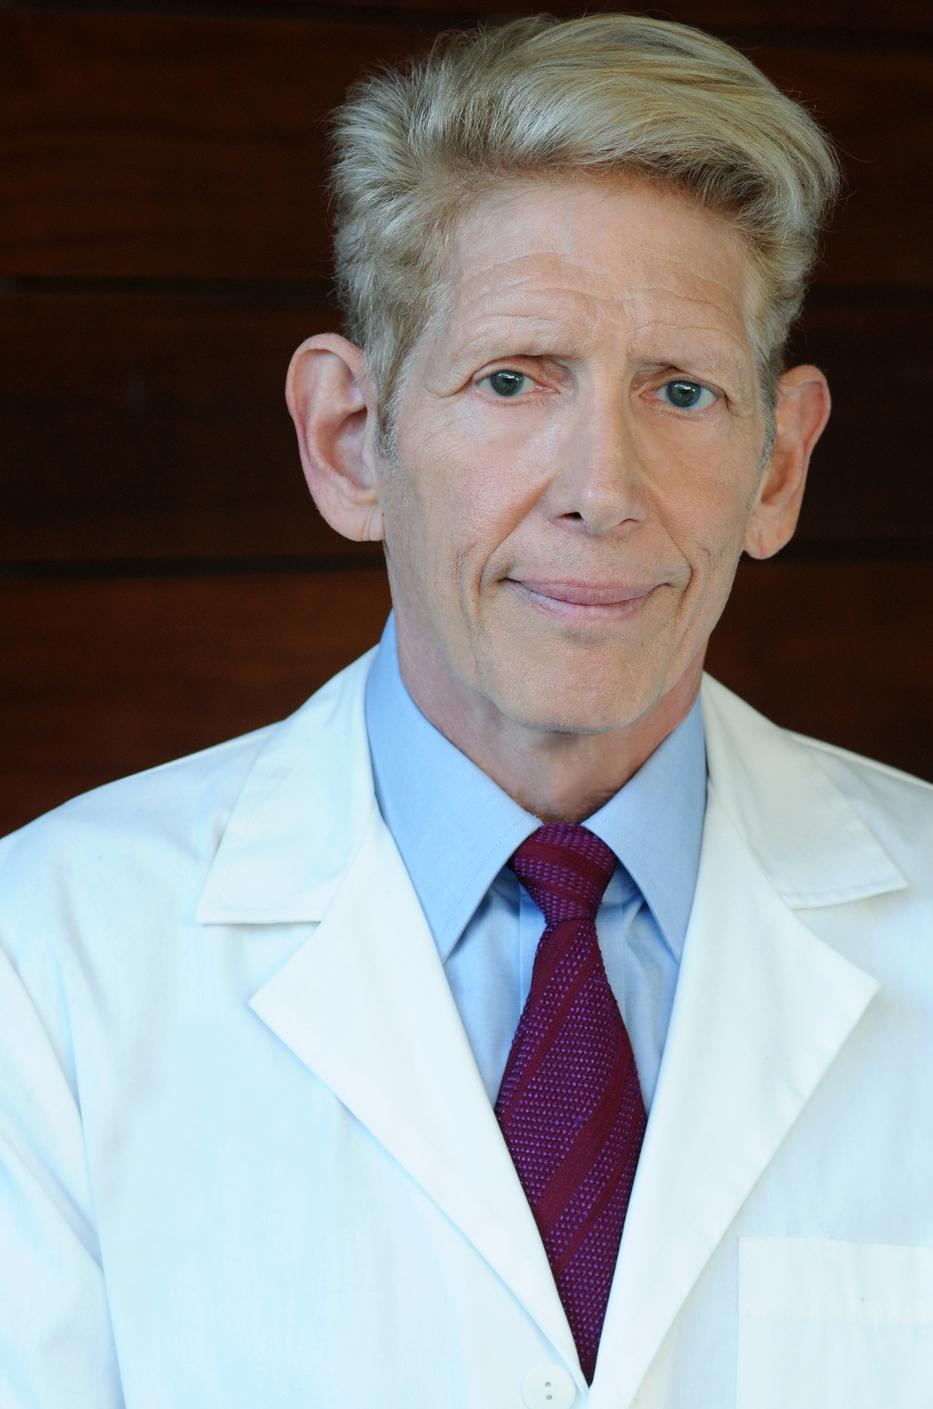 Dr. Richard Kaufman